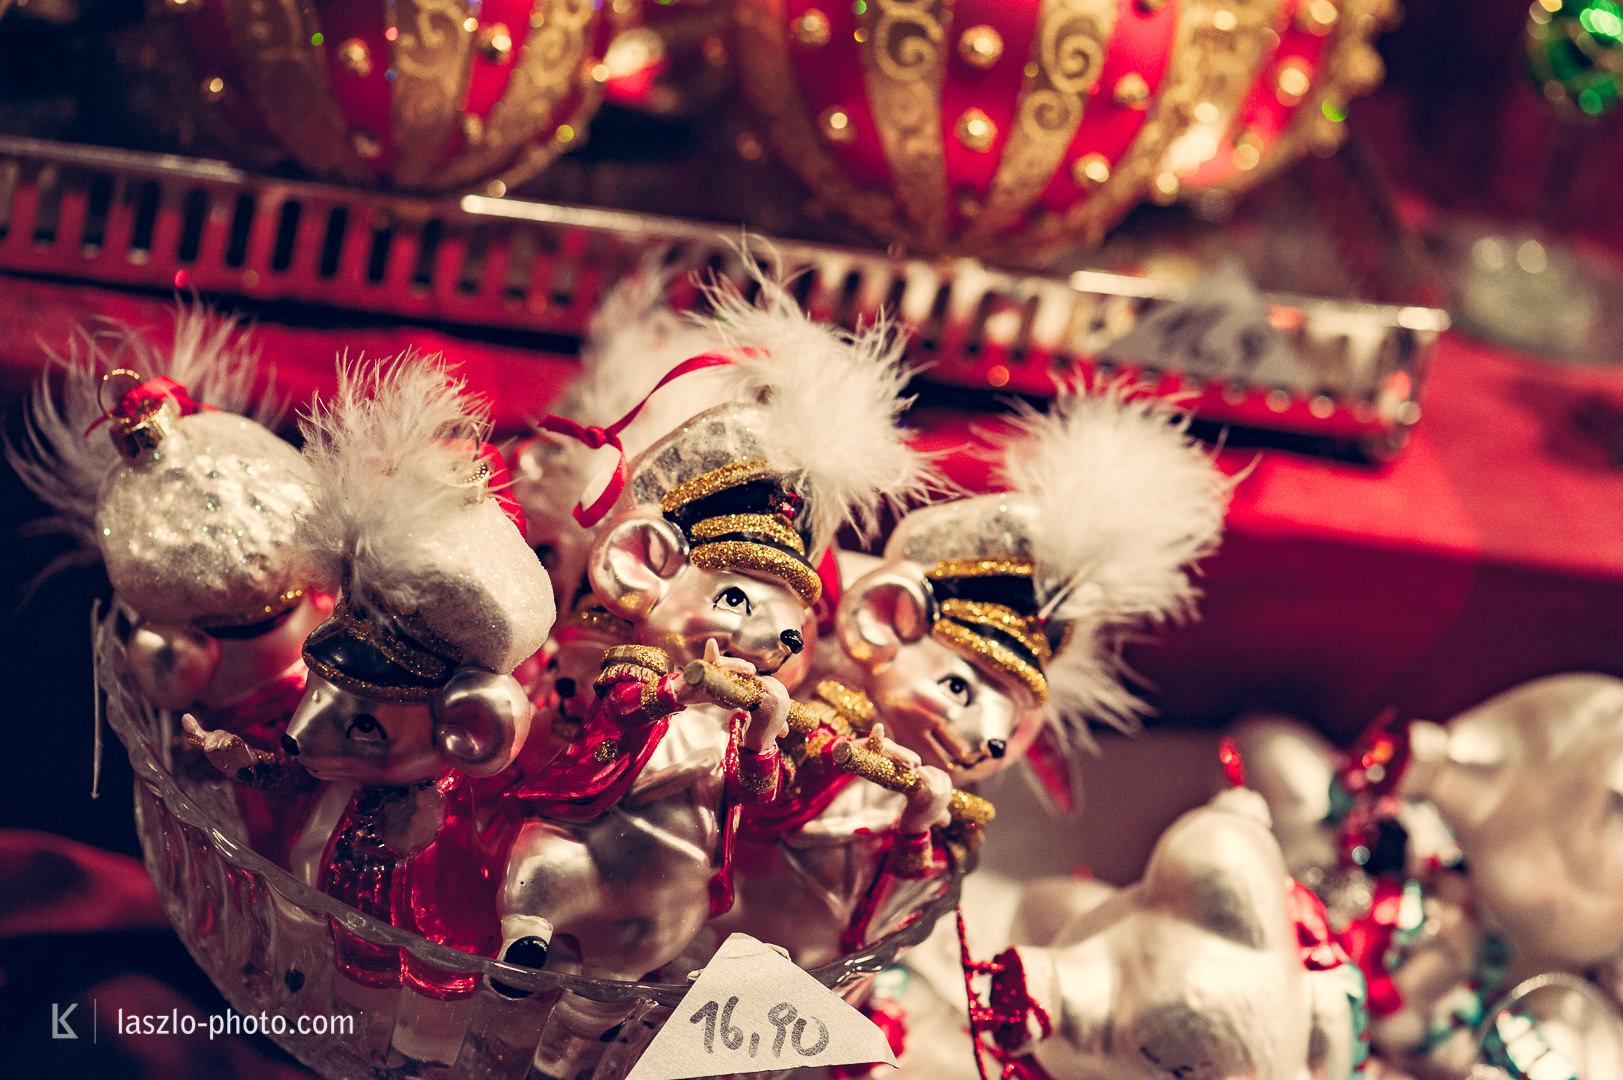 20161209_Weihnachten_Christkindlmarkt-4778